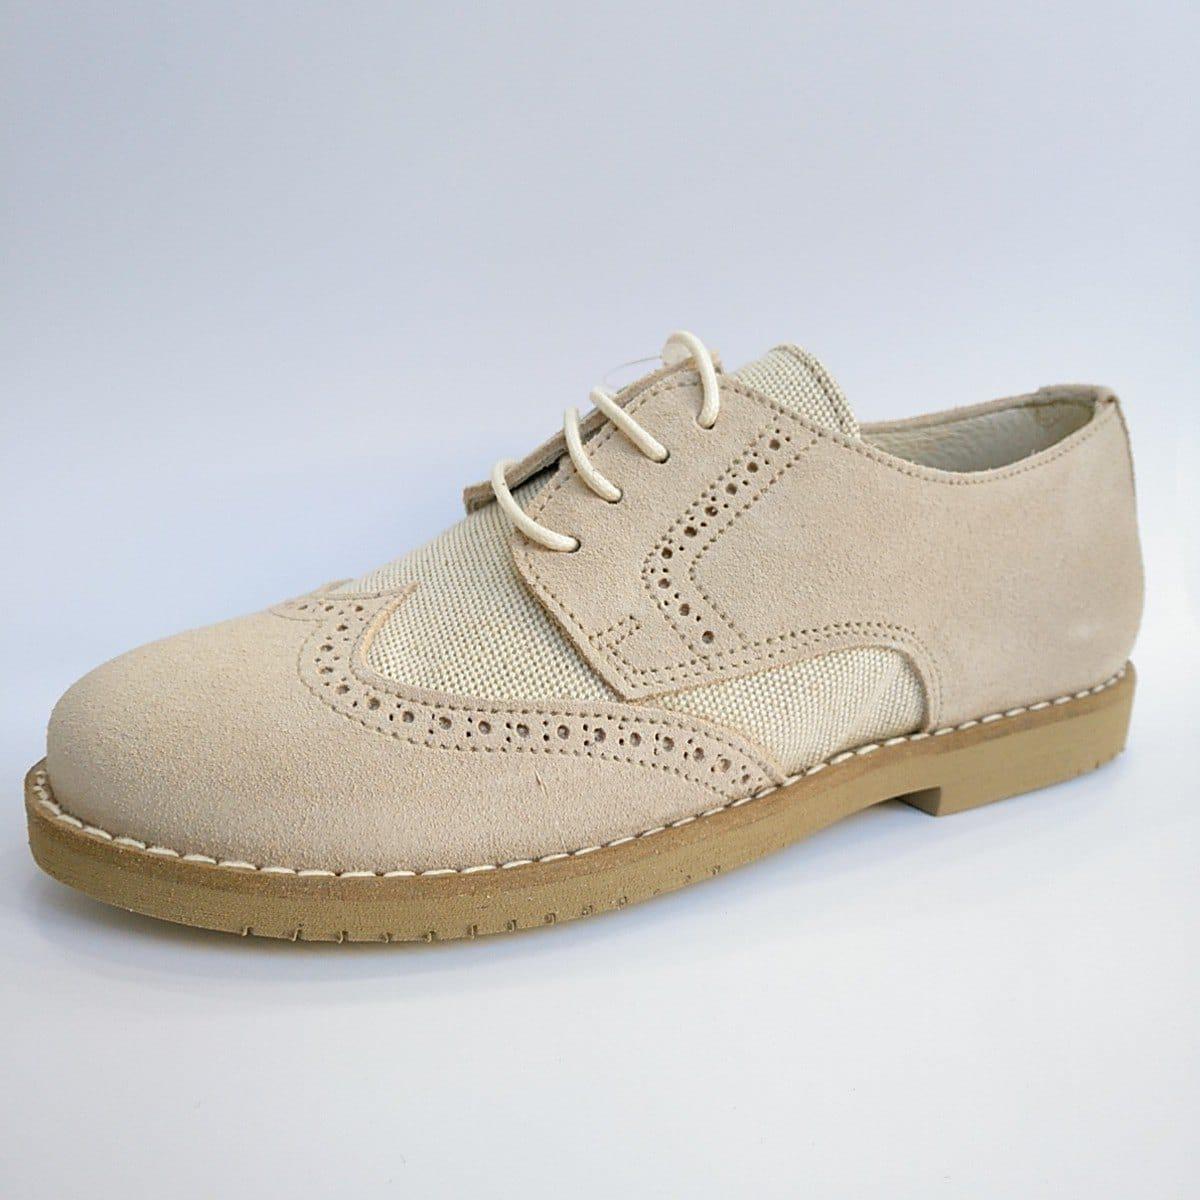 2f314928804 zapato beige de comunión para niños · Dar2 Zapato Serraje Beige Picado ...